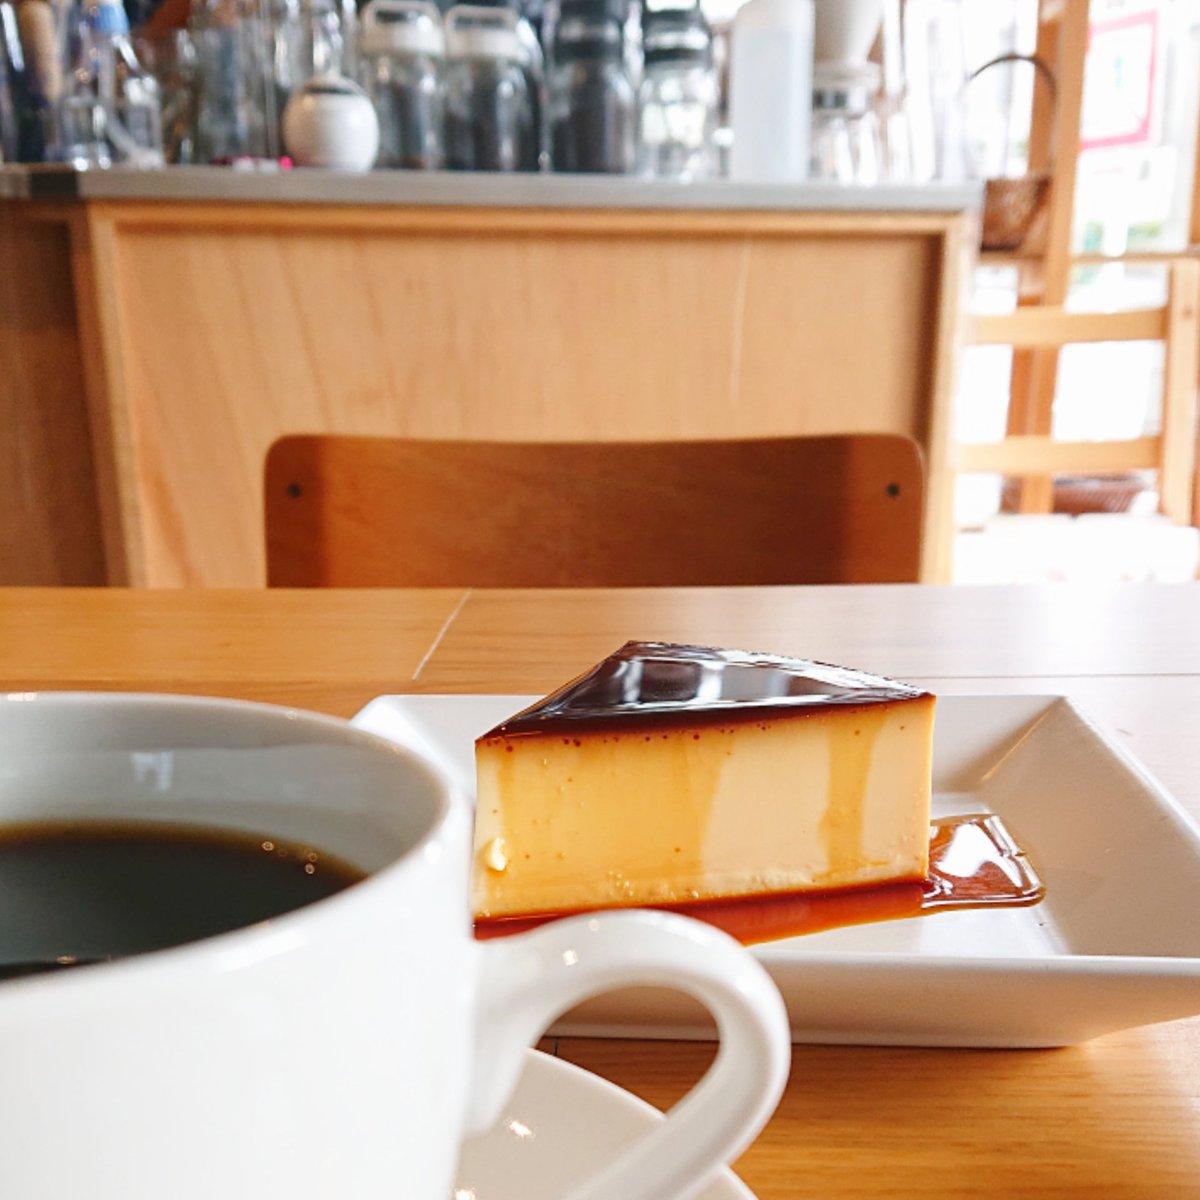 test ツイッターメディア - 平日に都内に出る用事があったので あわせて行きたかったところへ  かた目だけどなめらか和三盆のキャラメルも程良いプリンと #珈琲を得た   気になって我慢できずに注文したティラミスと #紅茶を得た  今まで食べた最高のティラミスだと思う https://t.co/LYiPPVEo0j